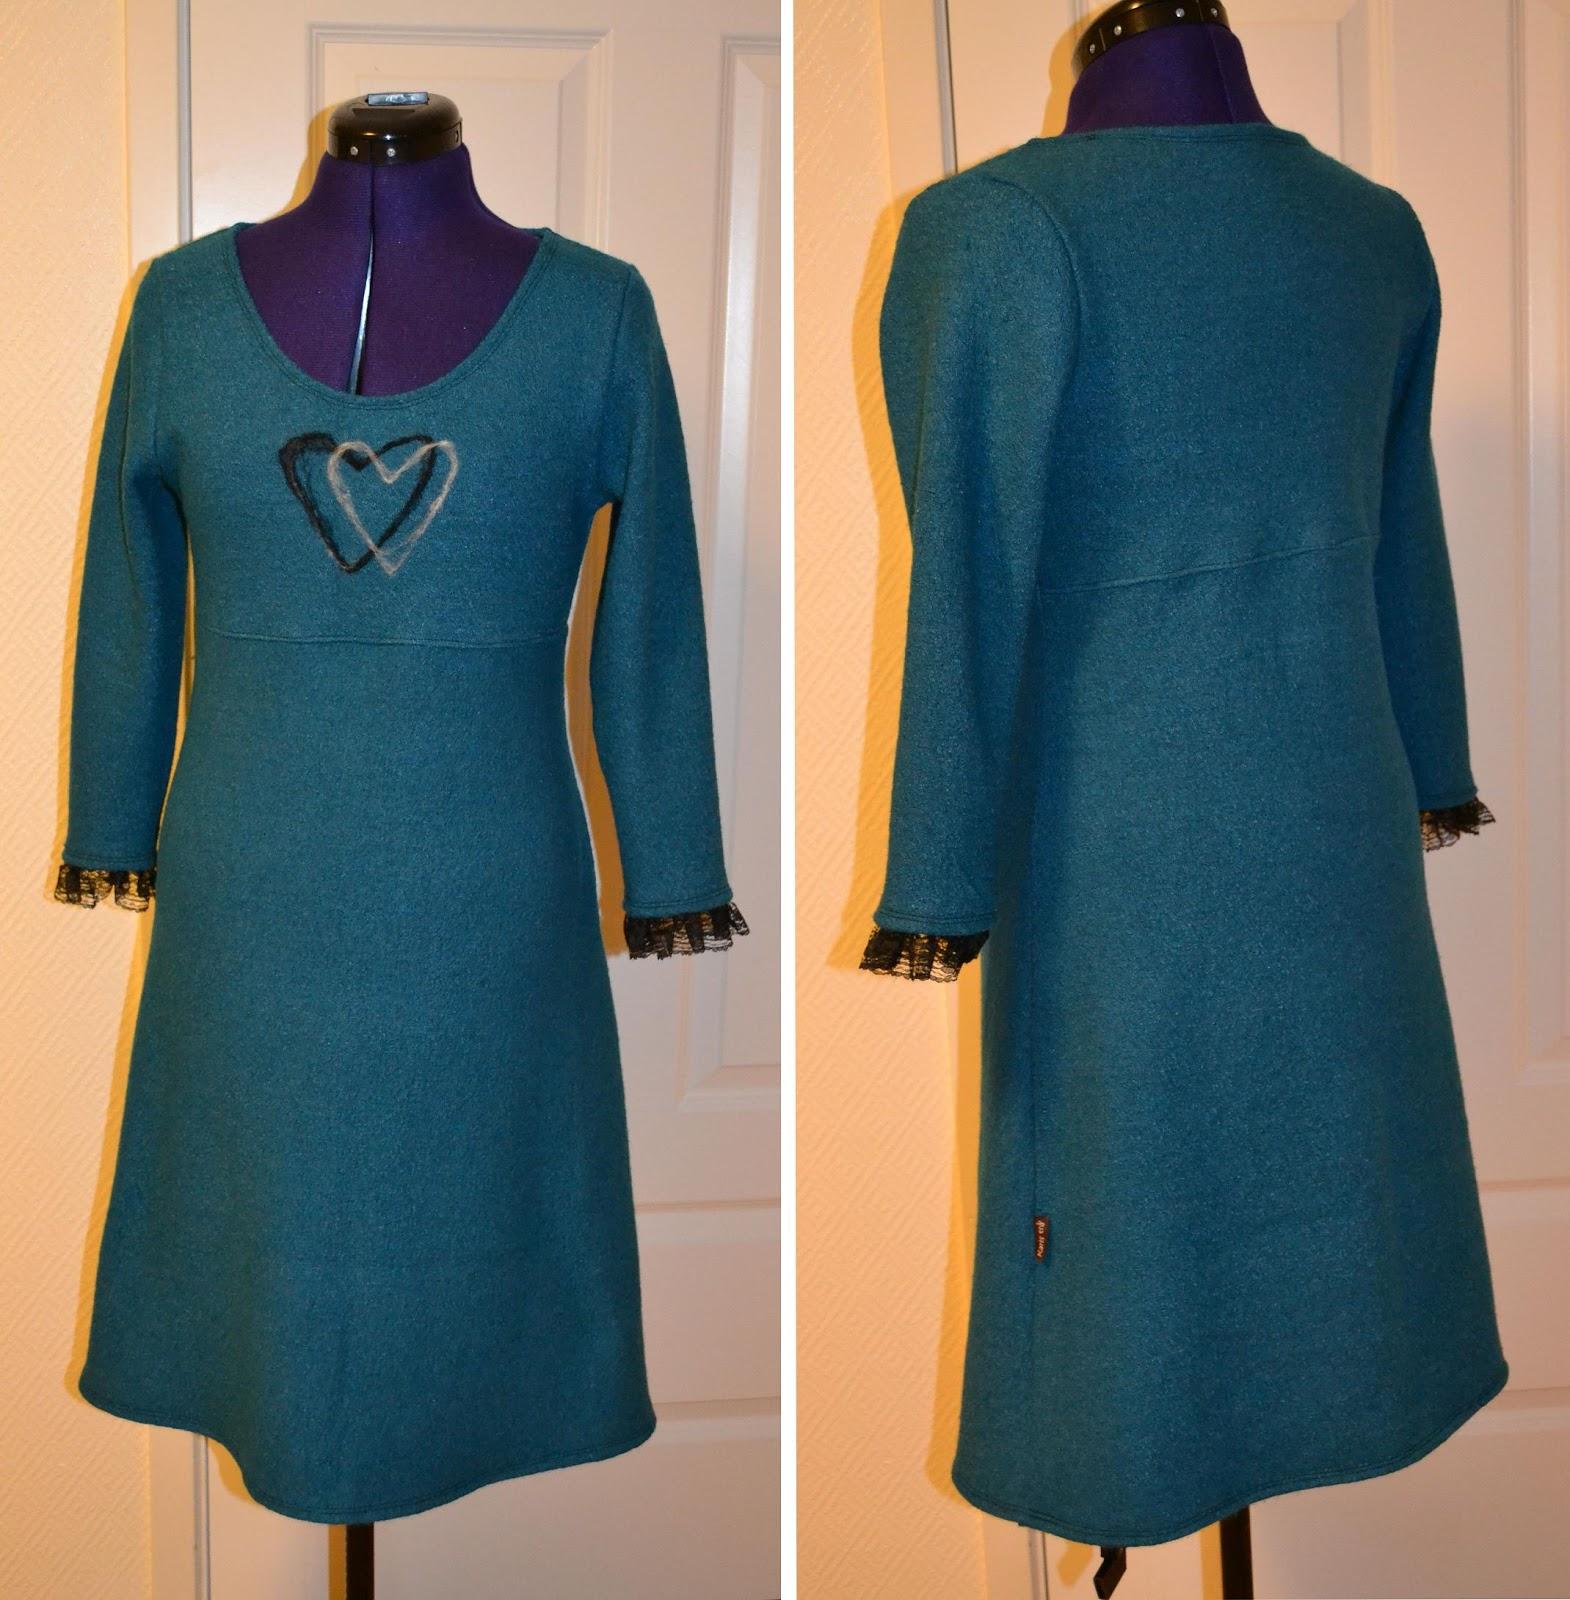 1db3ddd5b9fb Karis trå   Ull kjole